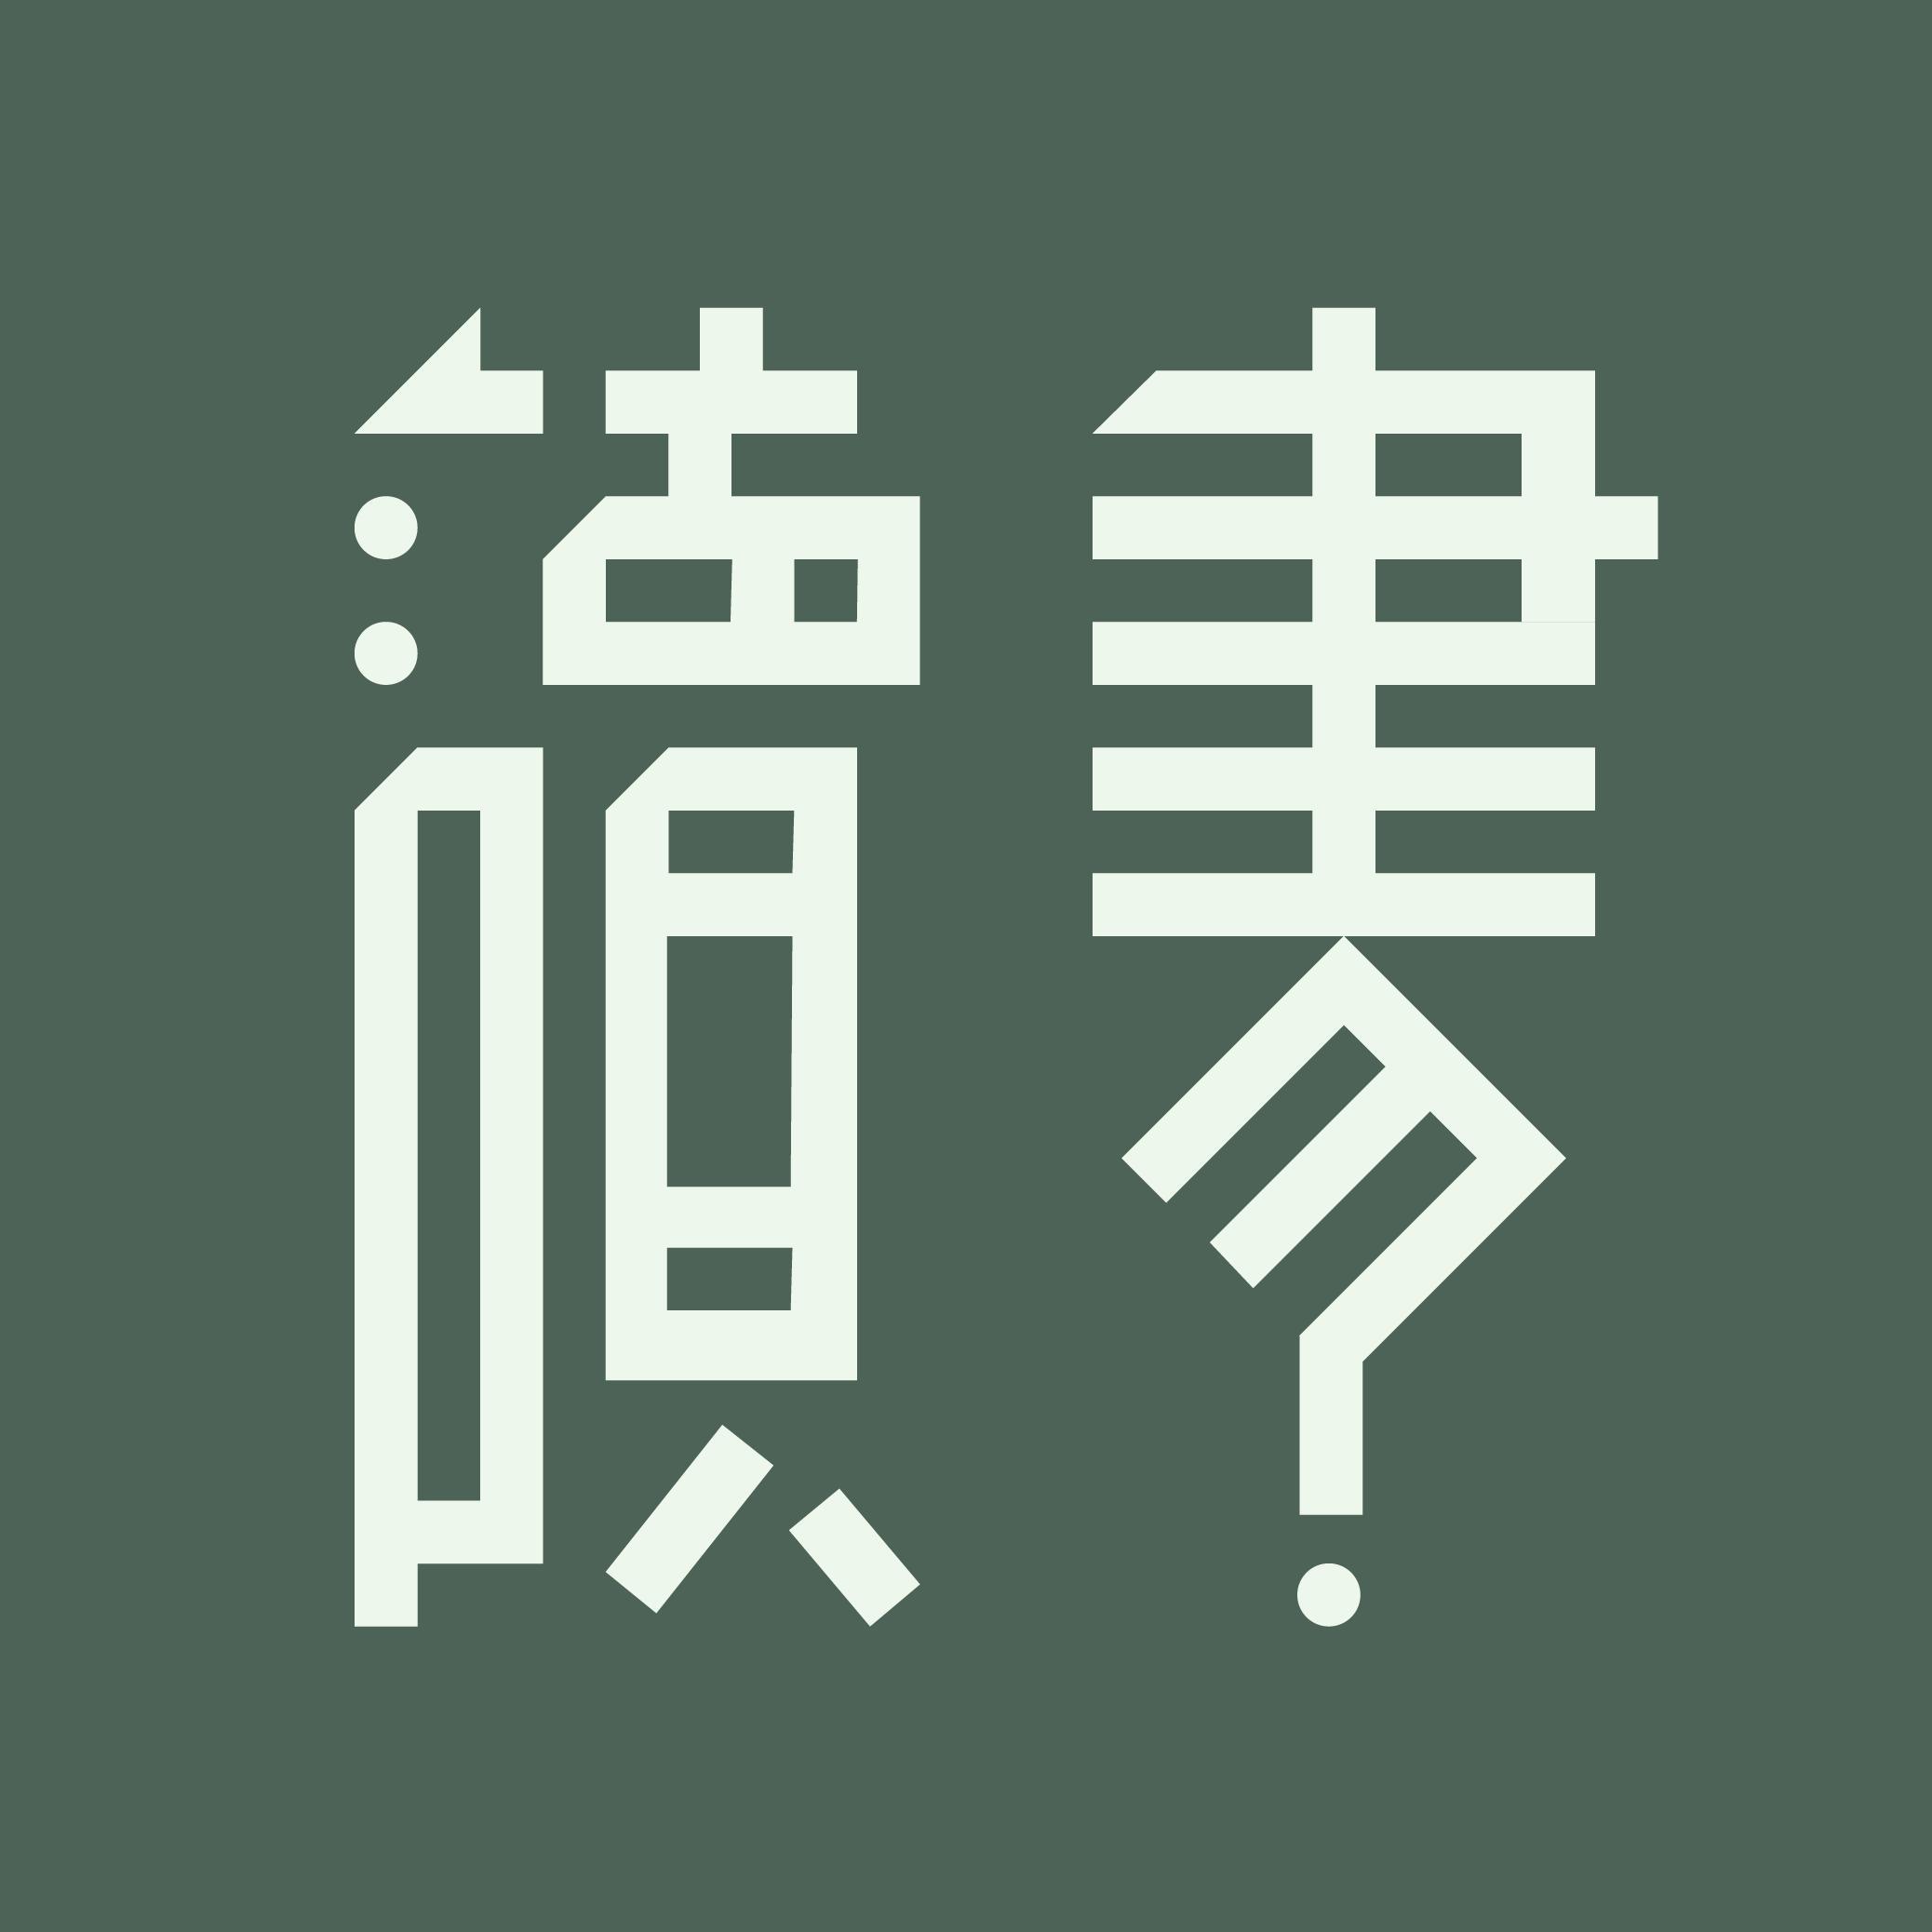 logo 标识 标志 设计 矢量 矢量图 素材 图标 2076_2076